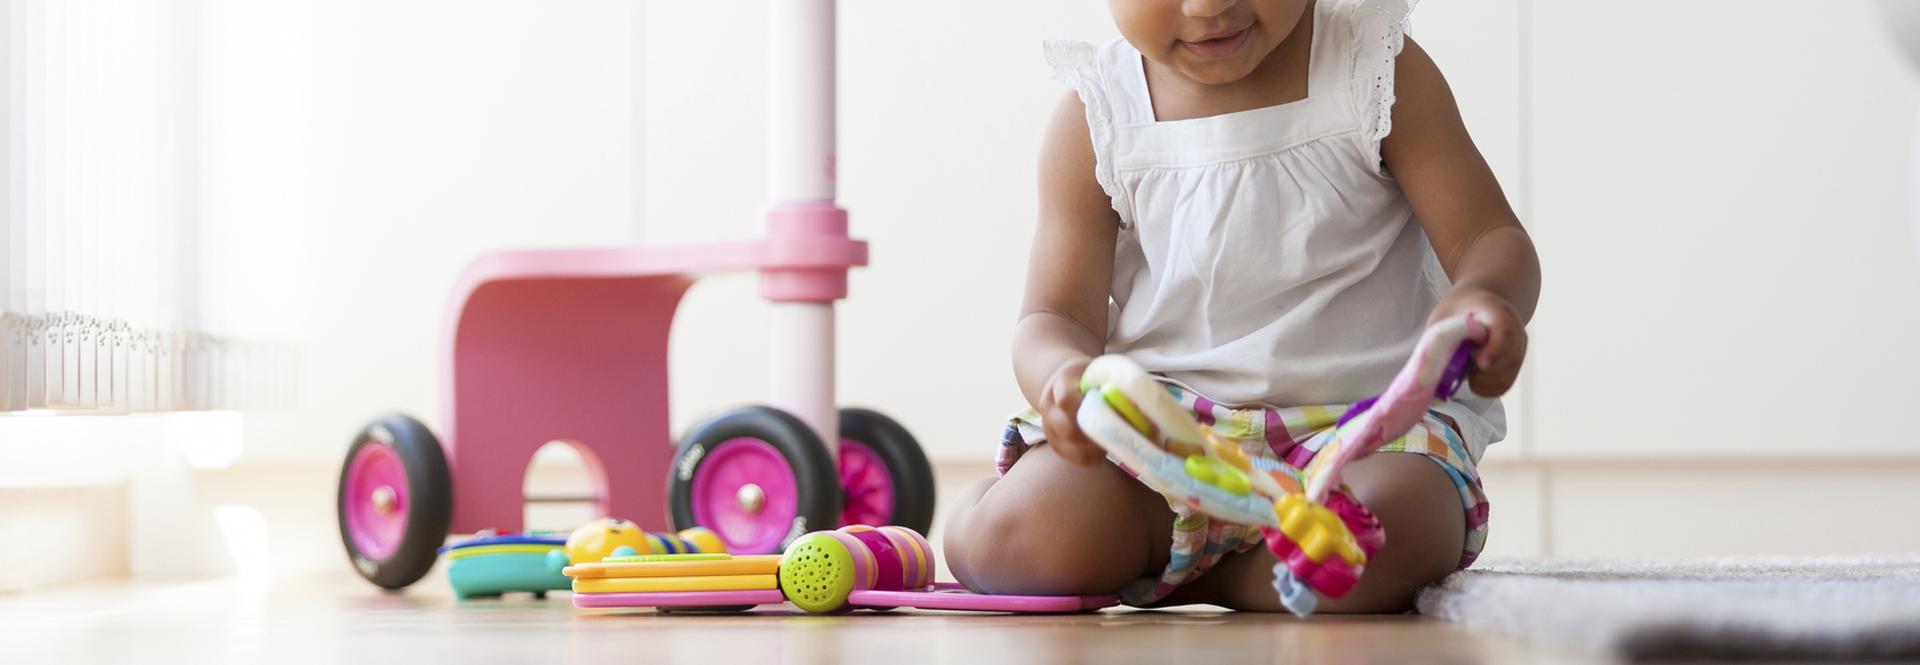 Petite fille avec des jouets